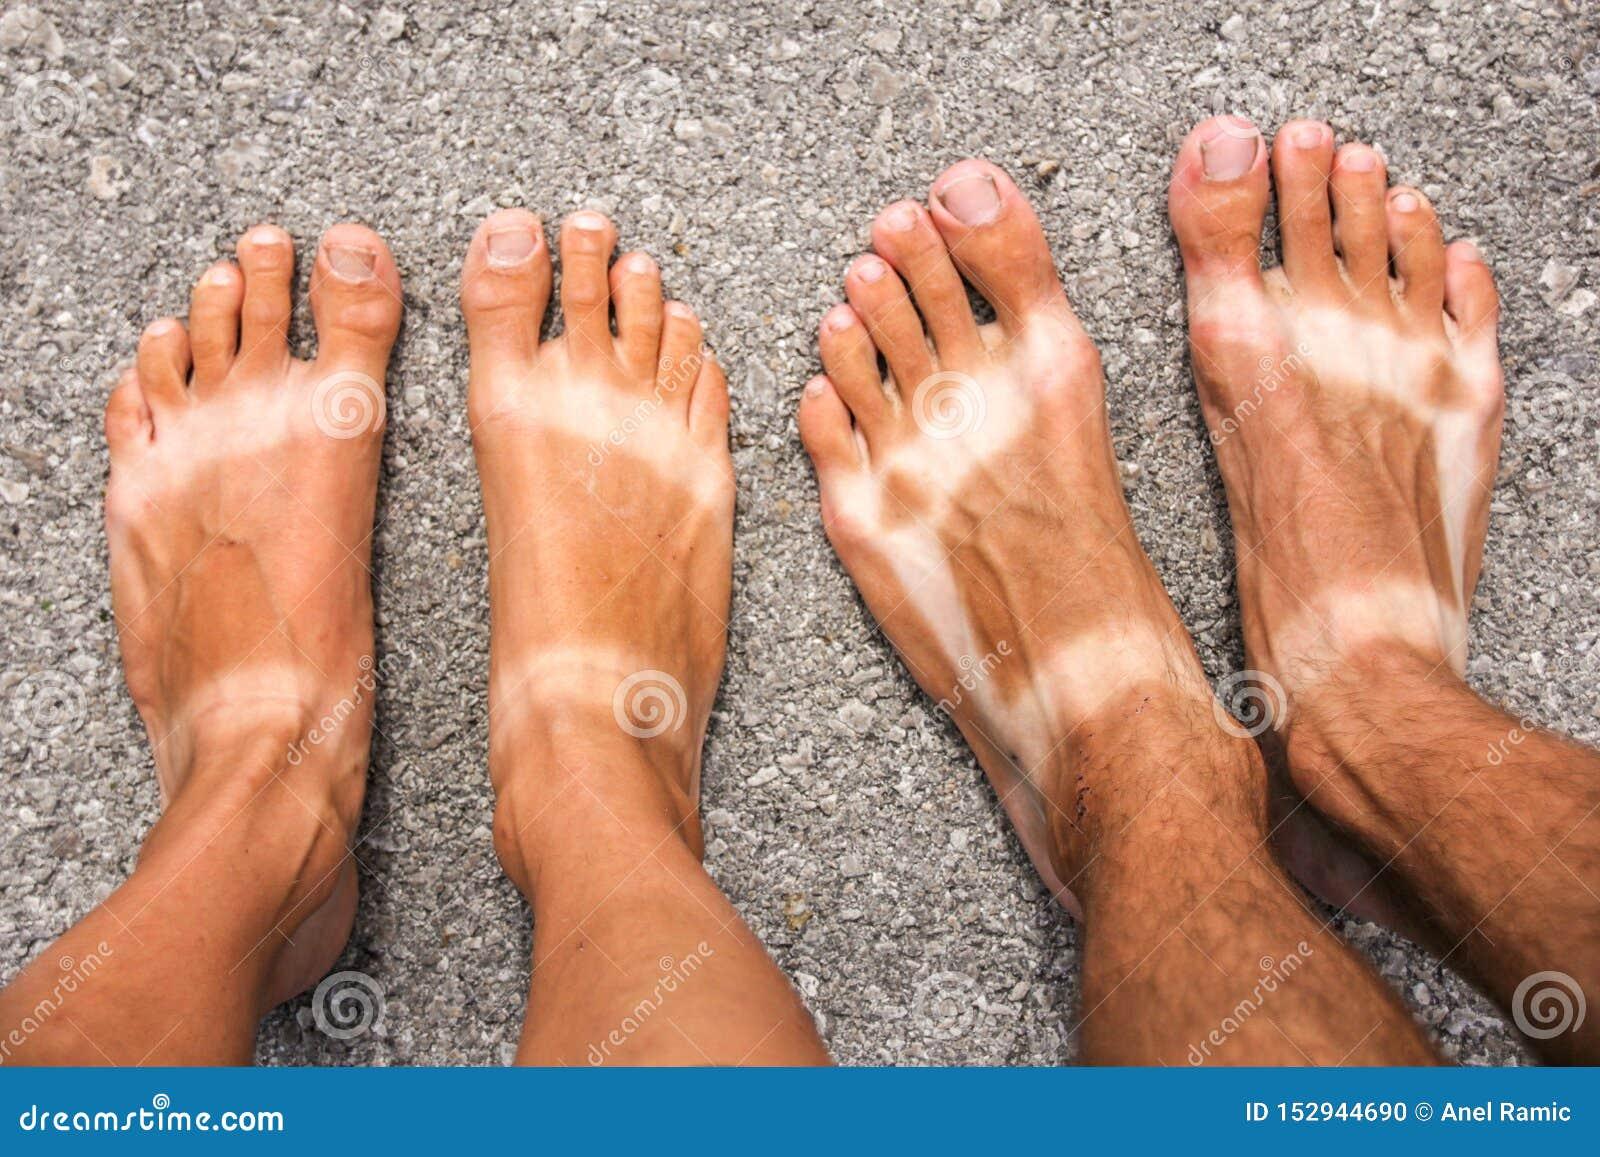 Mann und weibliche gebräunte Füße